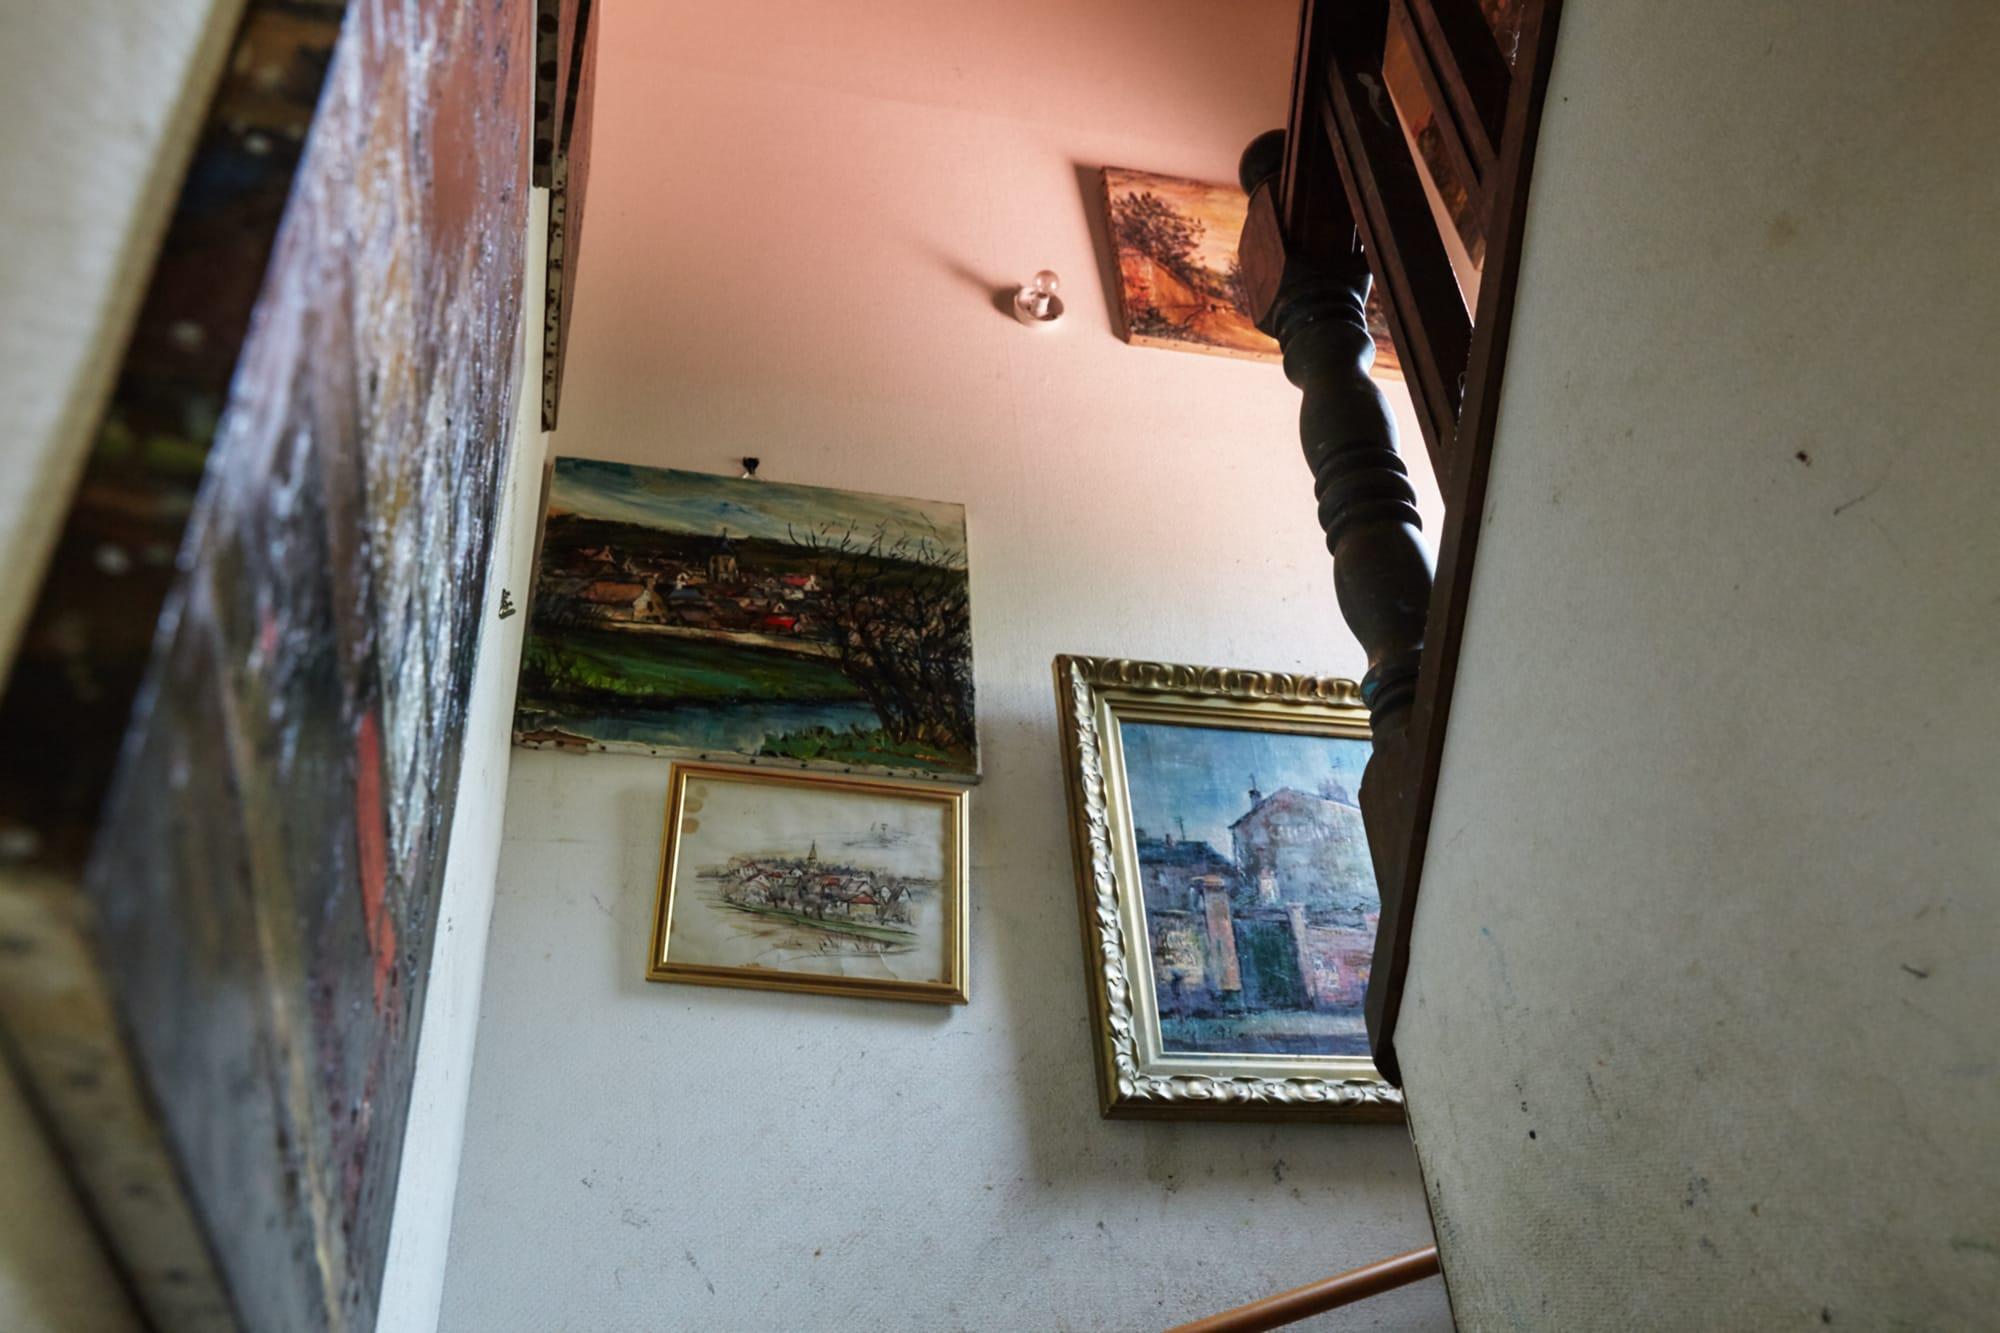 静岡県伊東市にある山川茂さんのアトリエ兼ご自宅。部屋、階段や廊下など、あらゆる場所に山川さんの絵が飾られている。